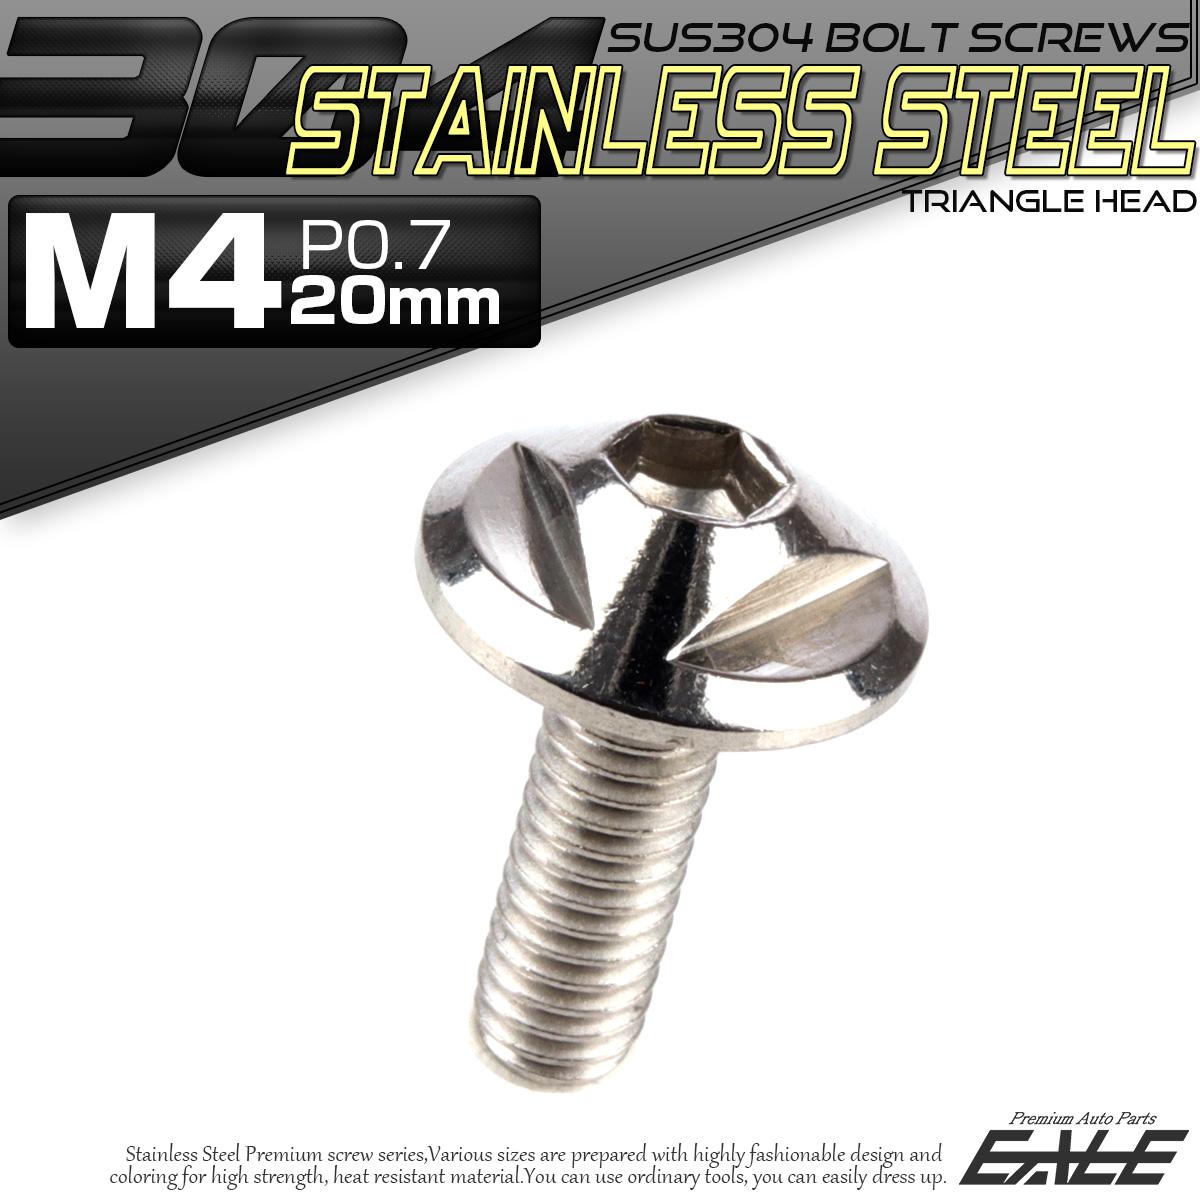 【ネコポス可】 SUS304 フランジ付 ボタンボルト M4×20mm P0.7 六角穴  シルバー トライアングルヘッド ステンレス製  TR0129